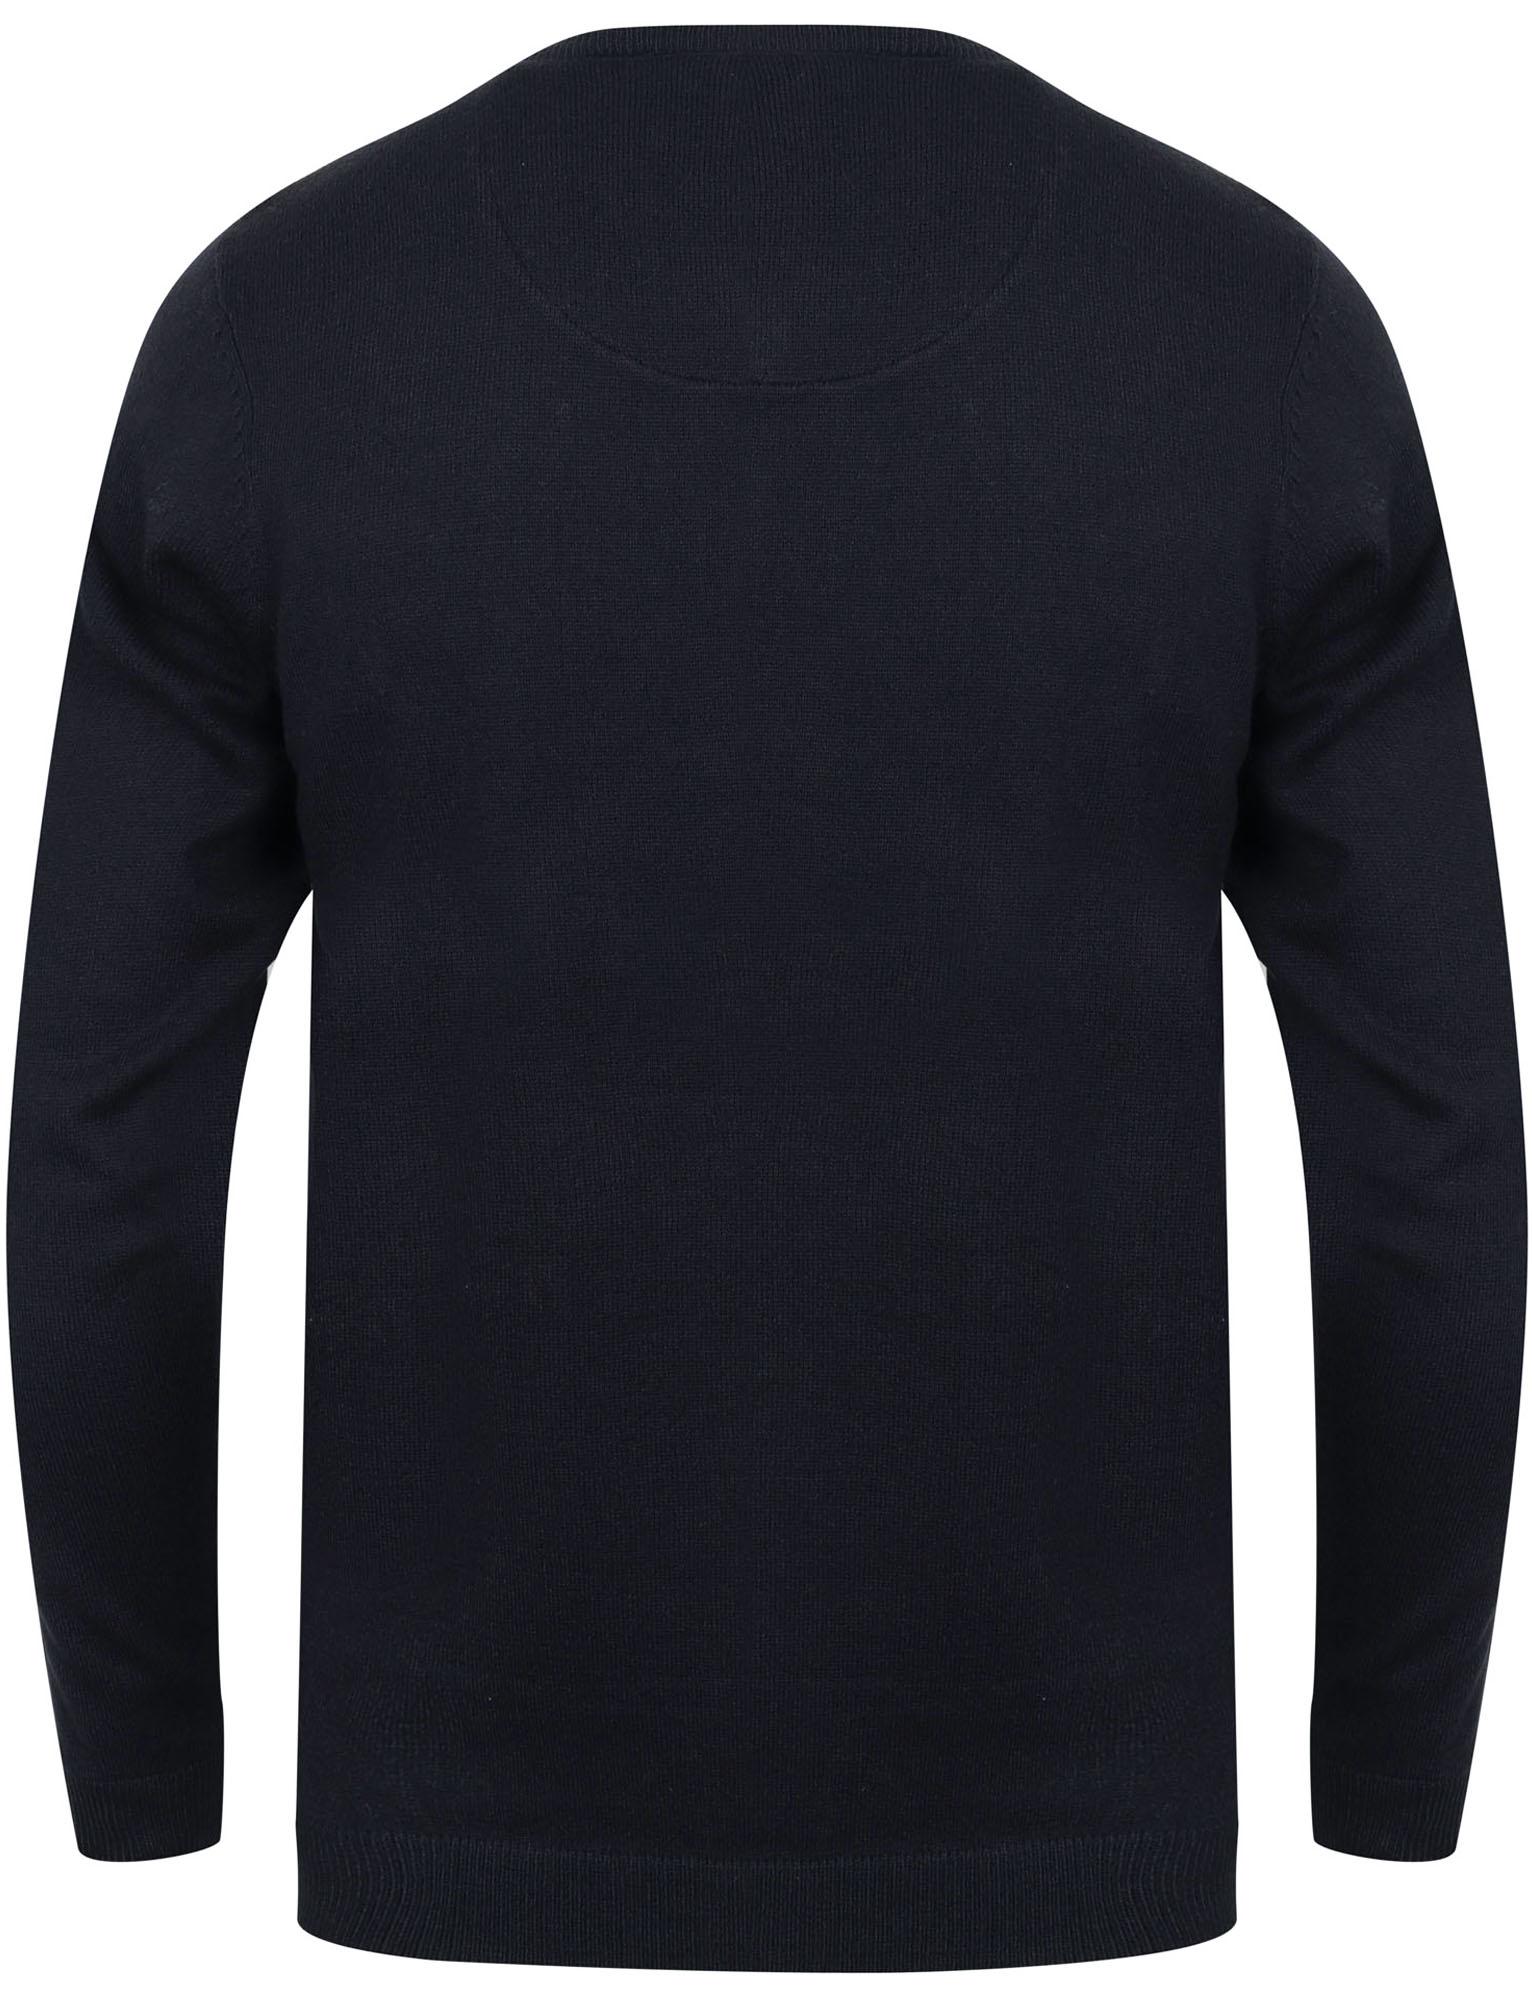 Kensington-Eastside-Men-039-s-Knitted-Crew-or-V-Neck-Jumper-Sweater-Top-Pullover thumbnail 33